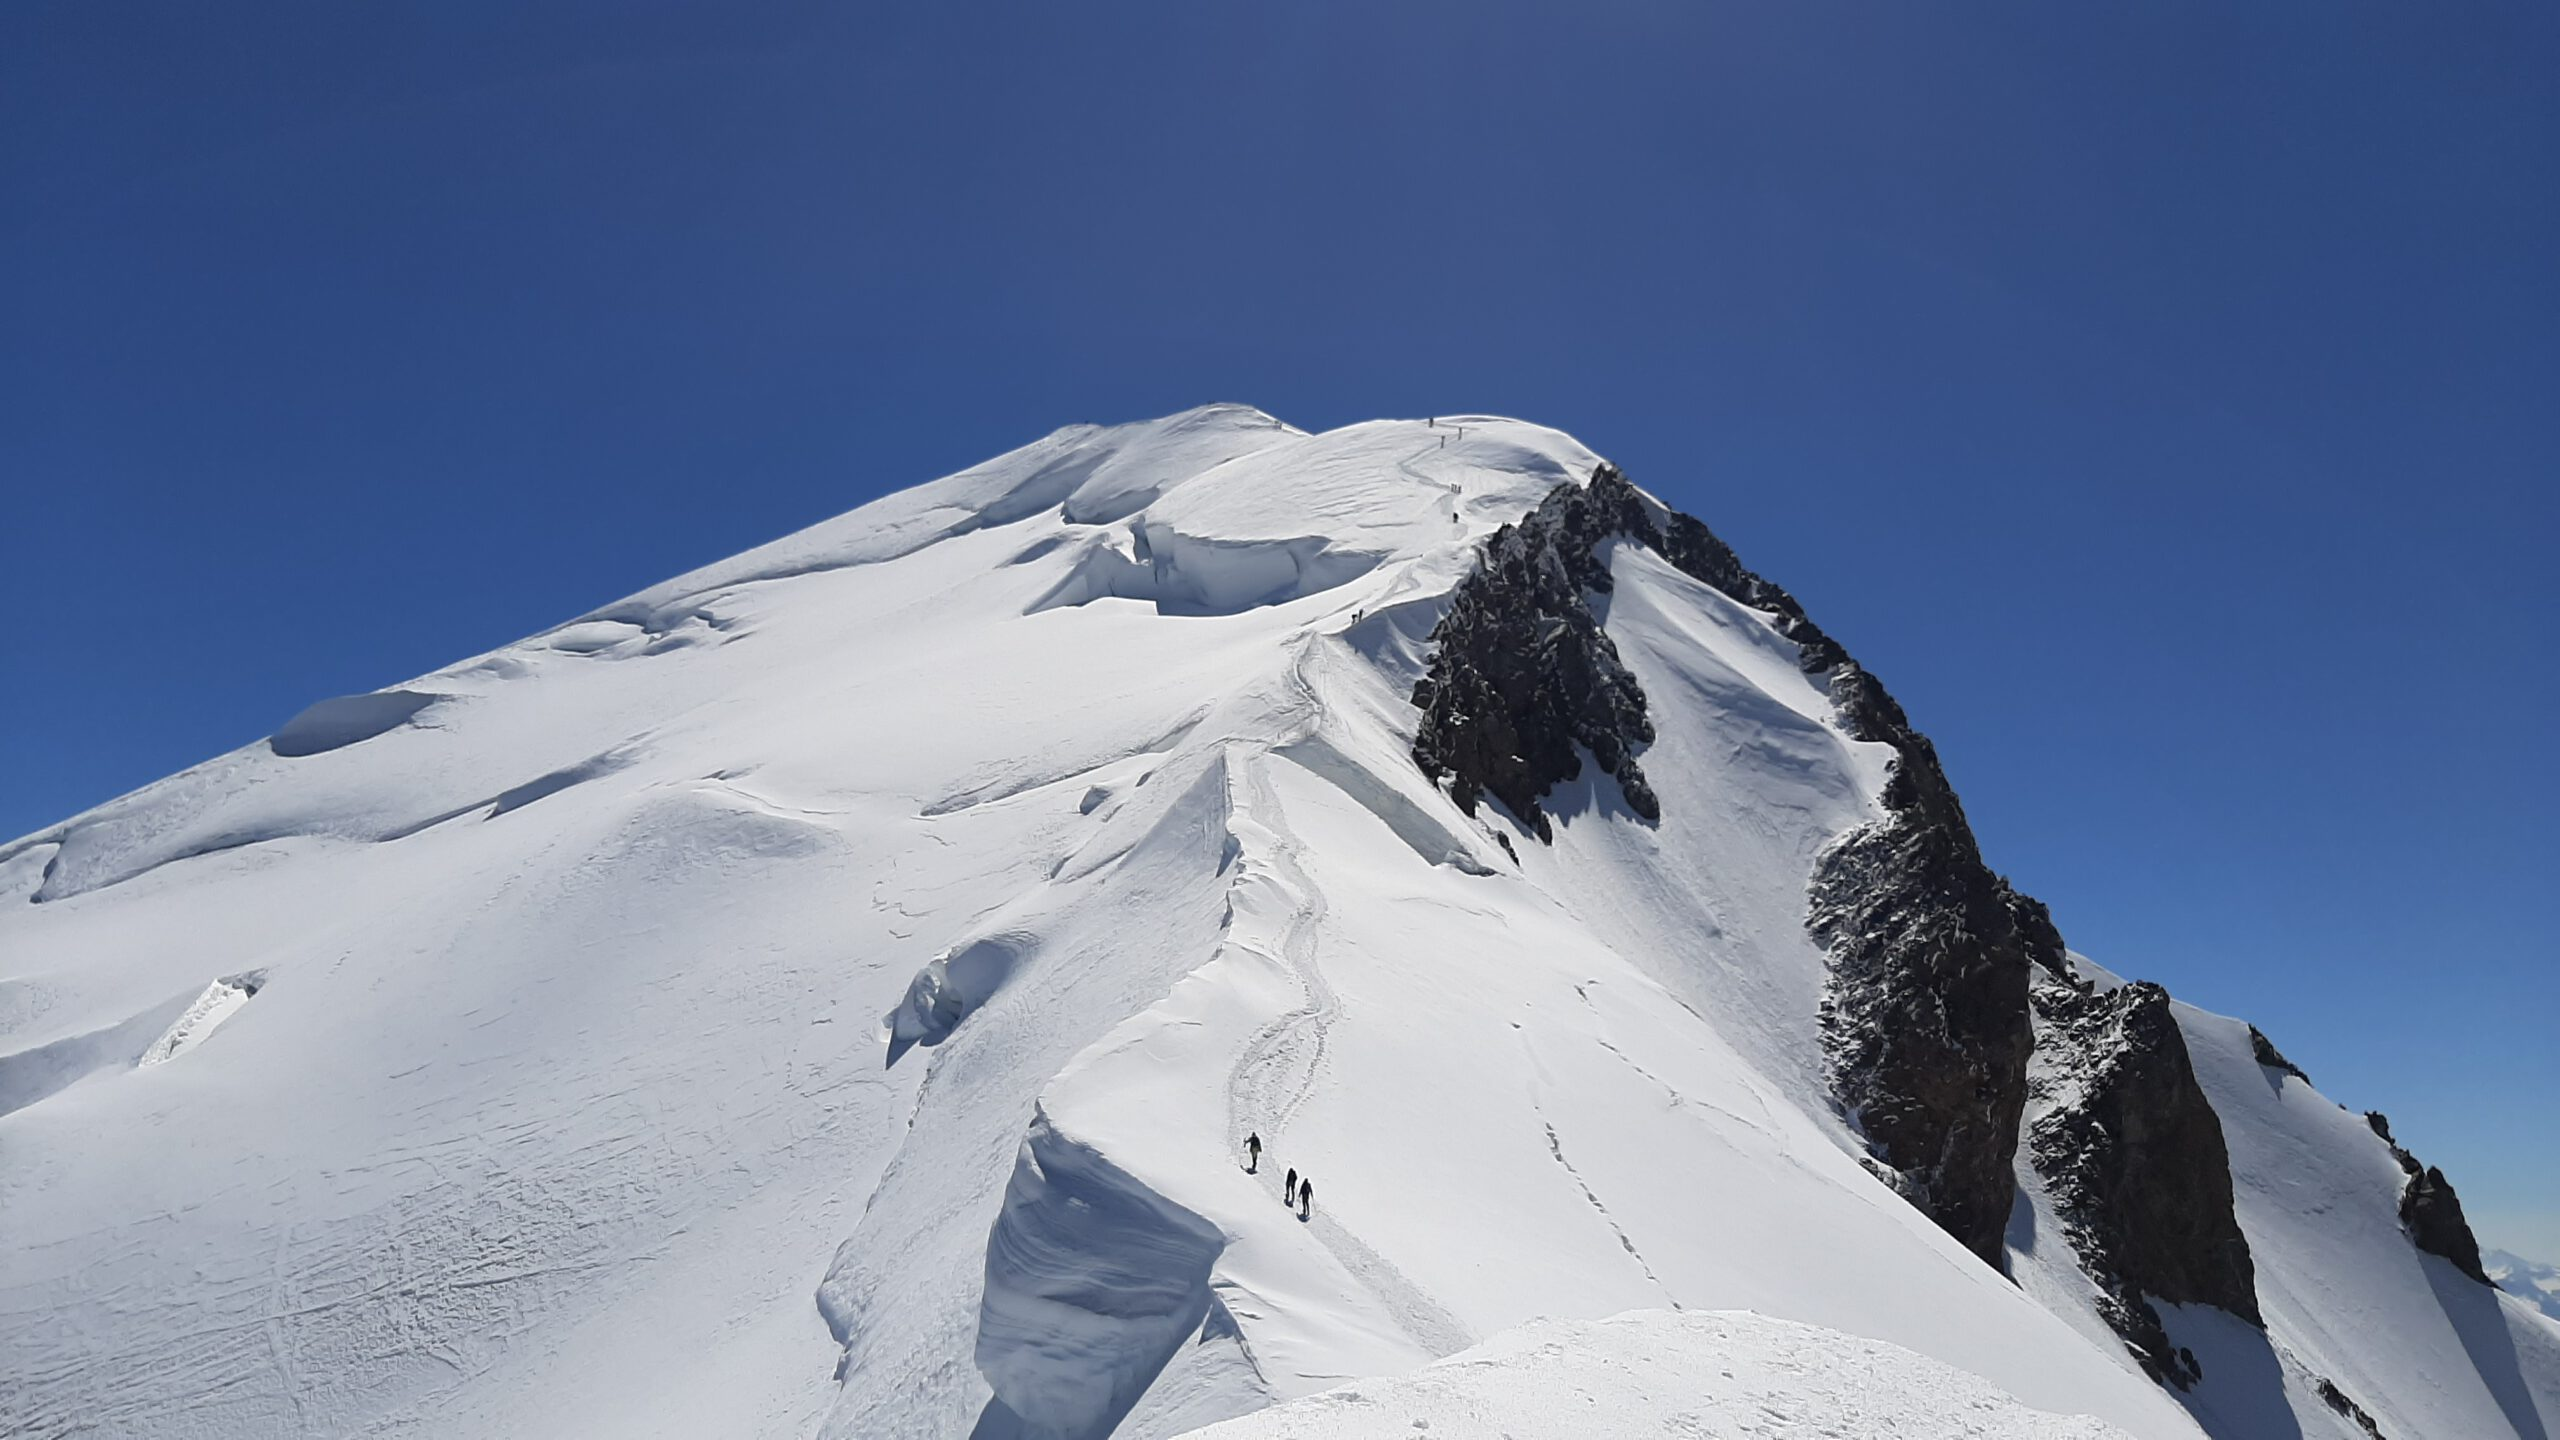 Campertrip durch die Alpen